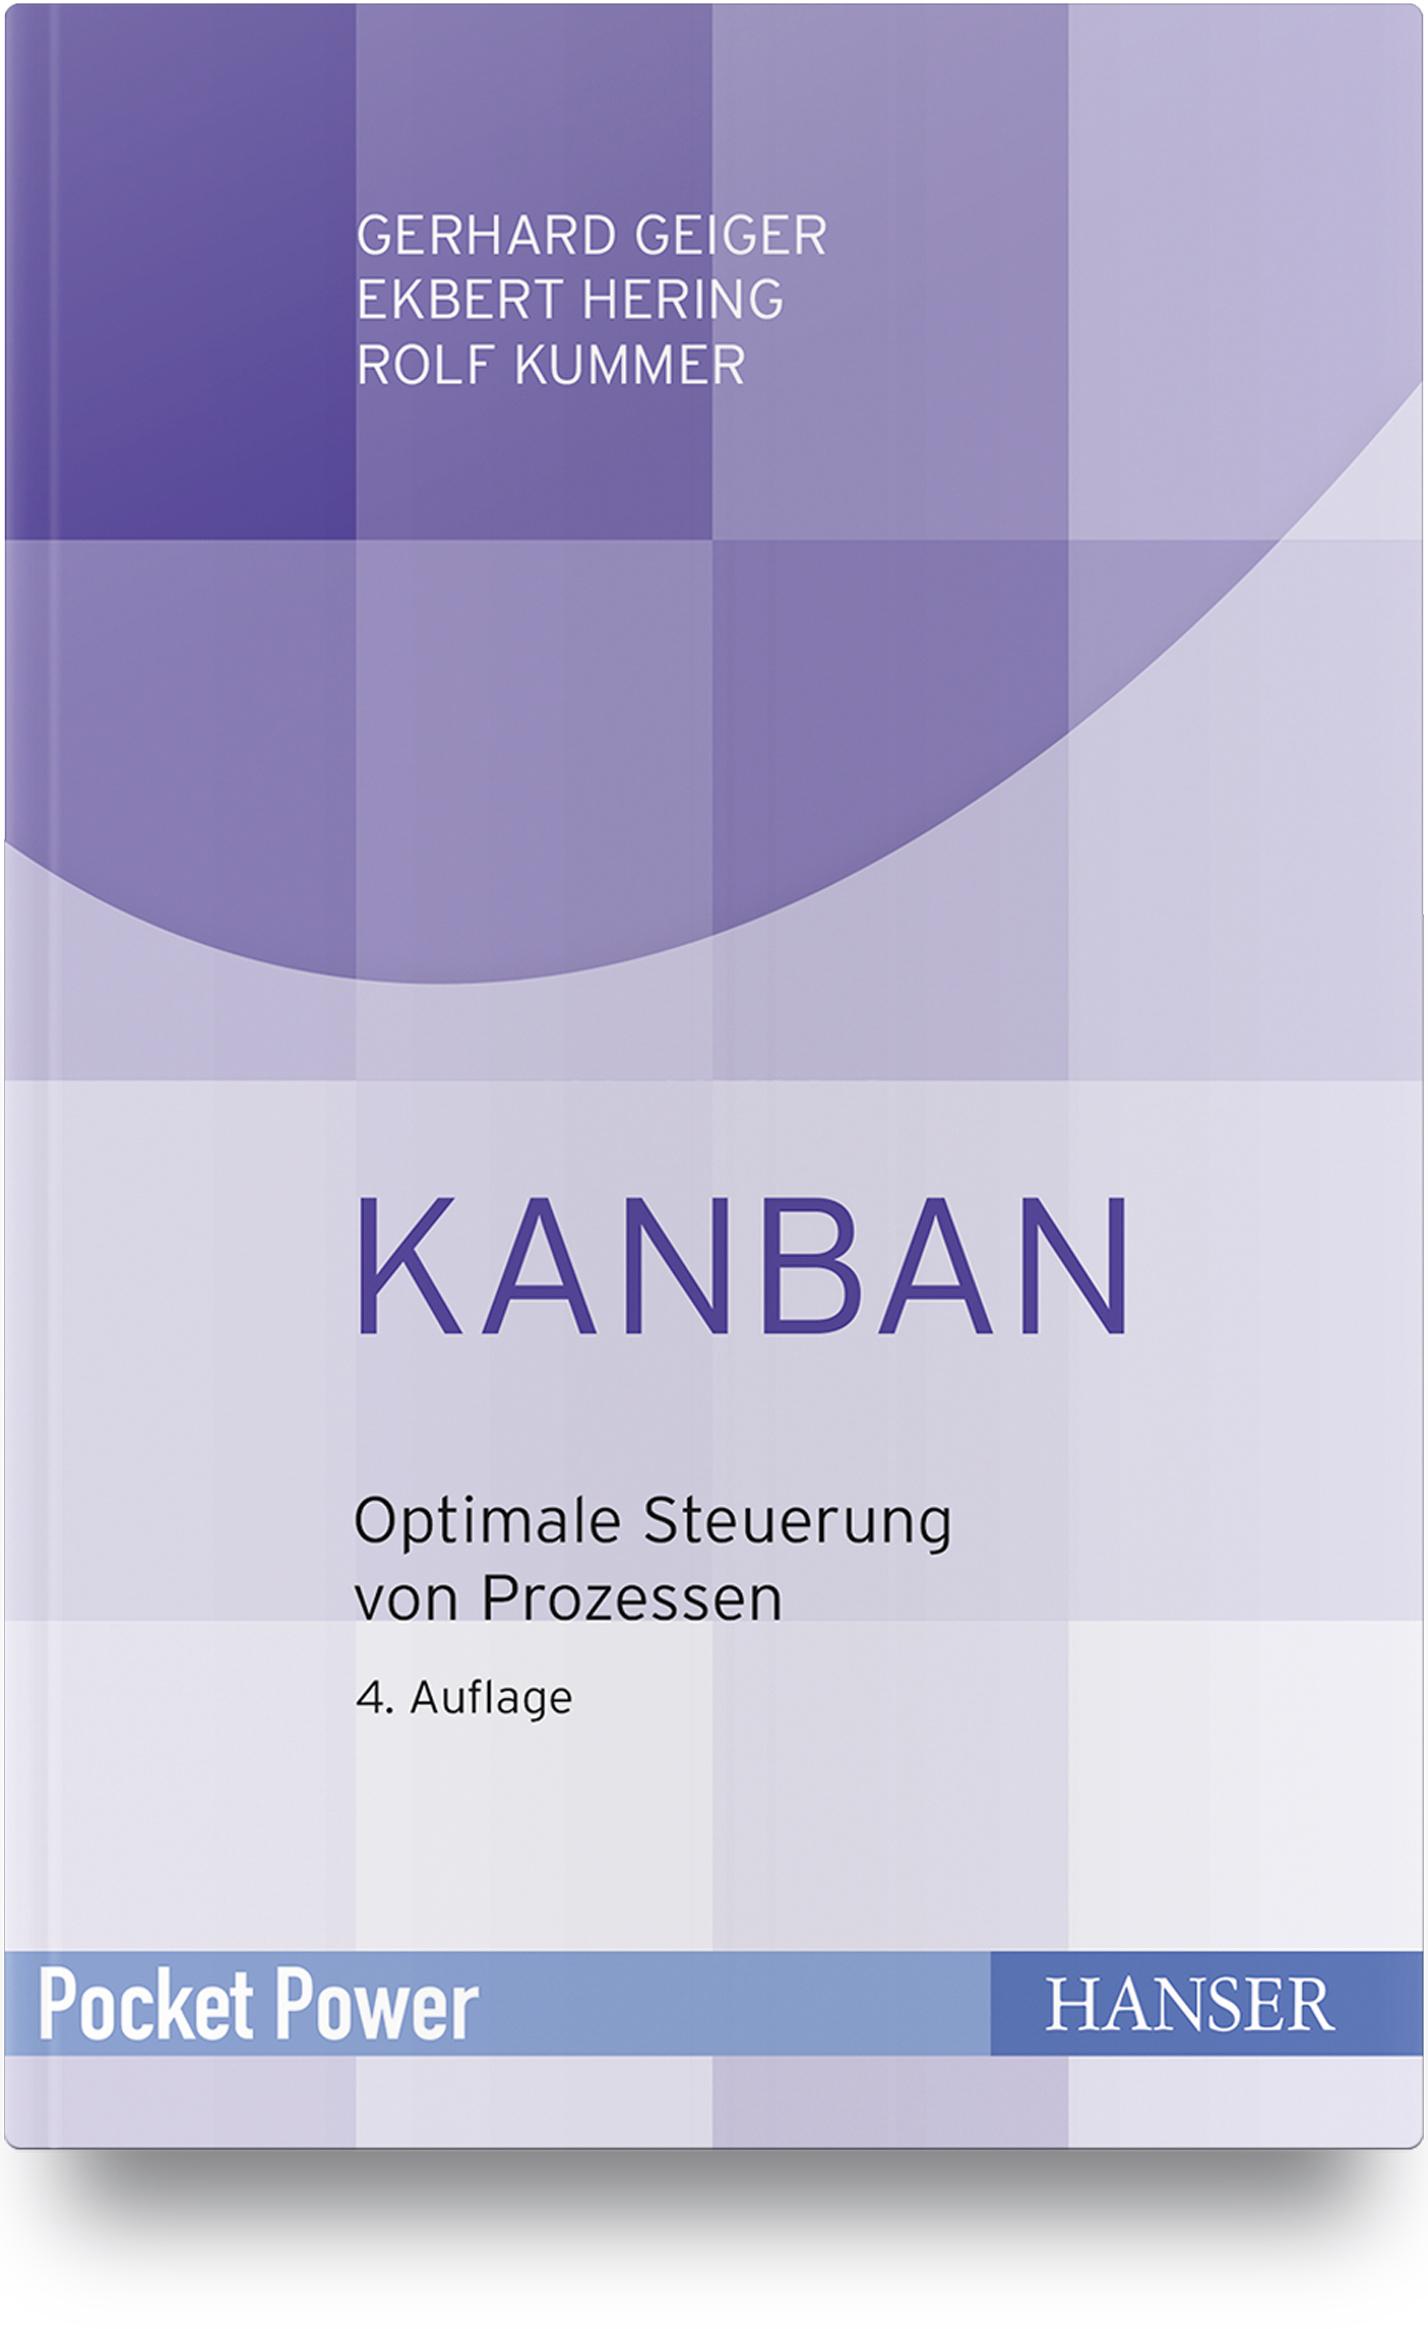 Geiger, Hering, Kummer, Kanban, 978-3-446-46261-8